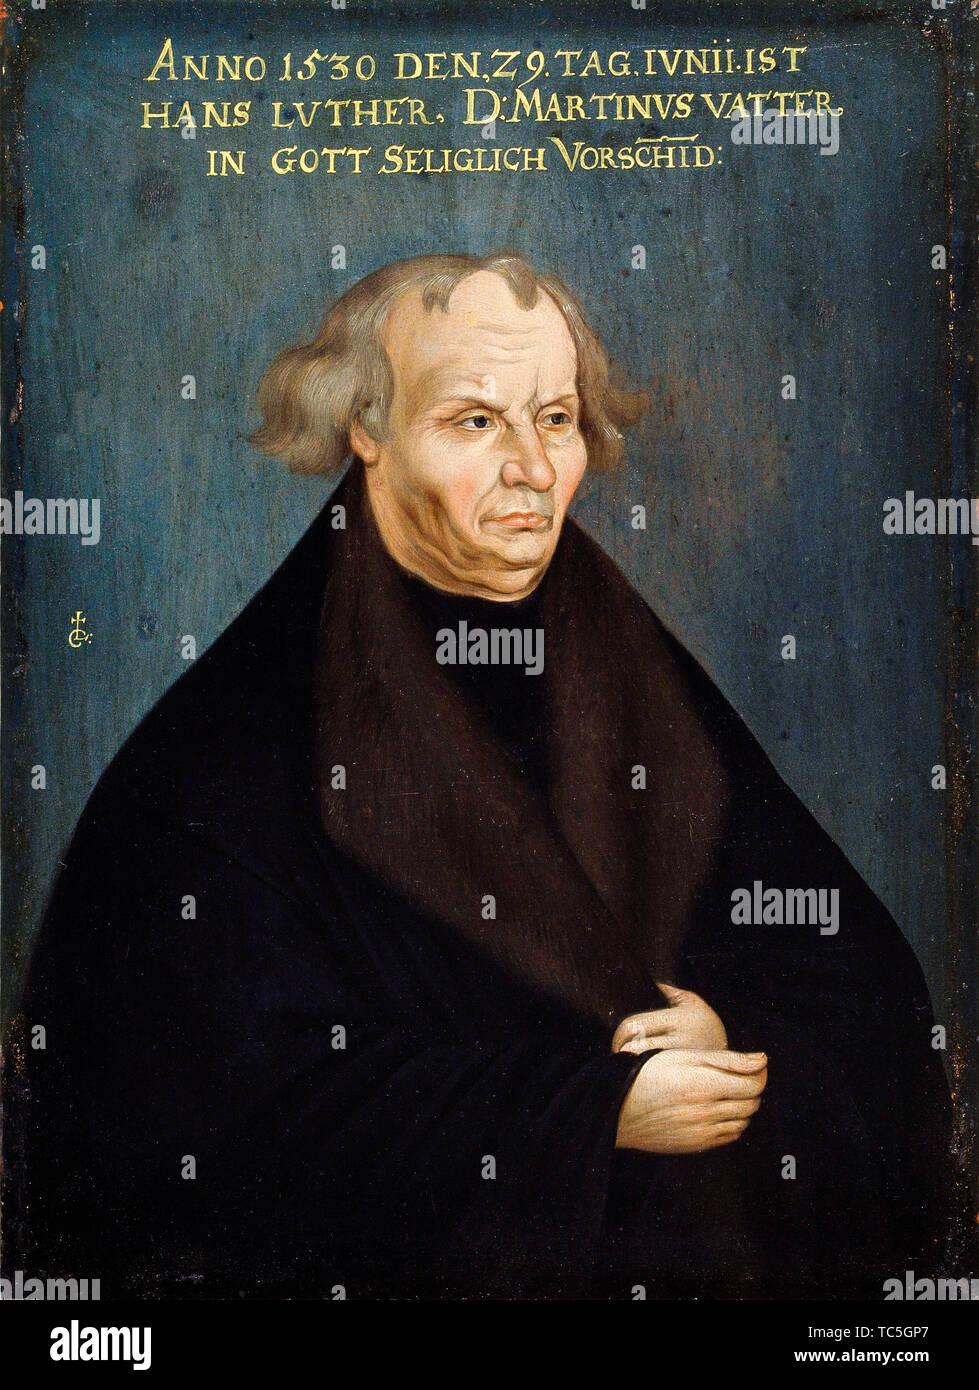 Después de Lucas Cranach, Hans Luther, el padre de Martín Lutero, Siglo XVIII retrato, retrato, 1700-1799 Foto de stock